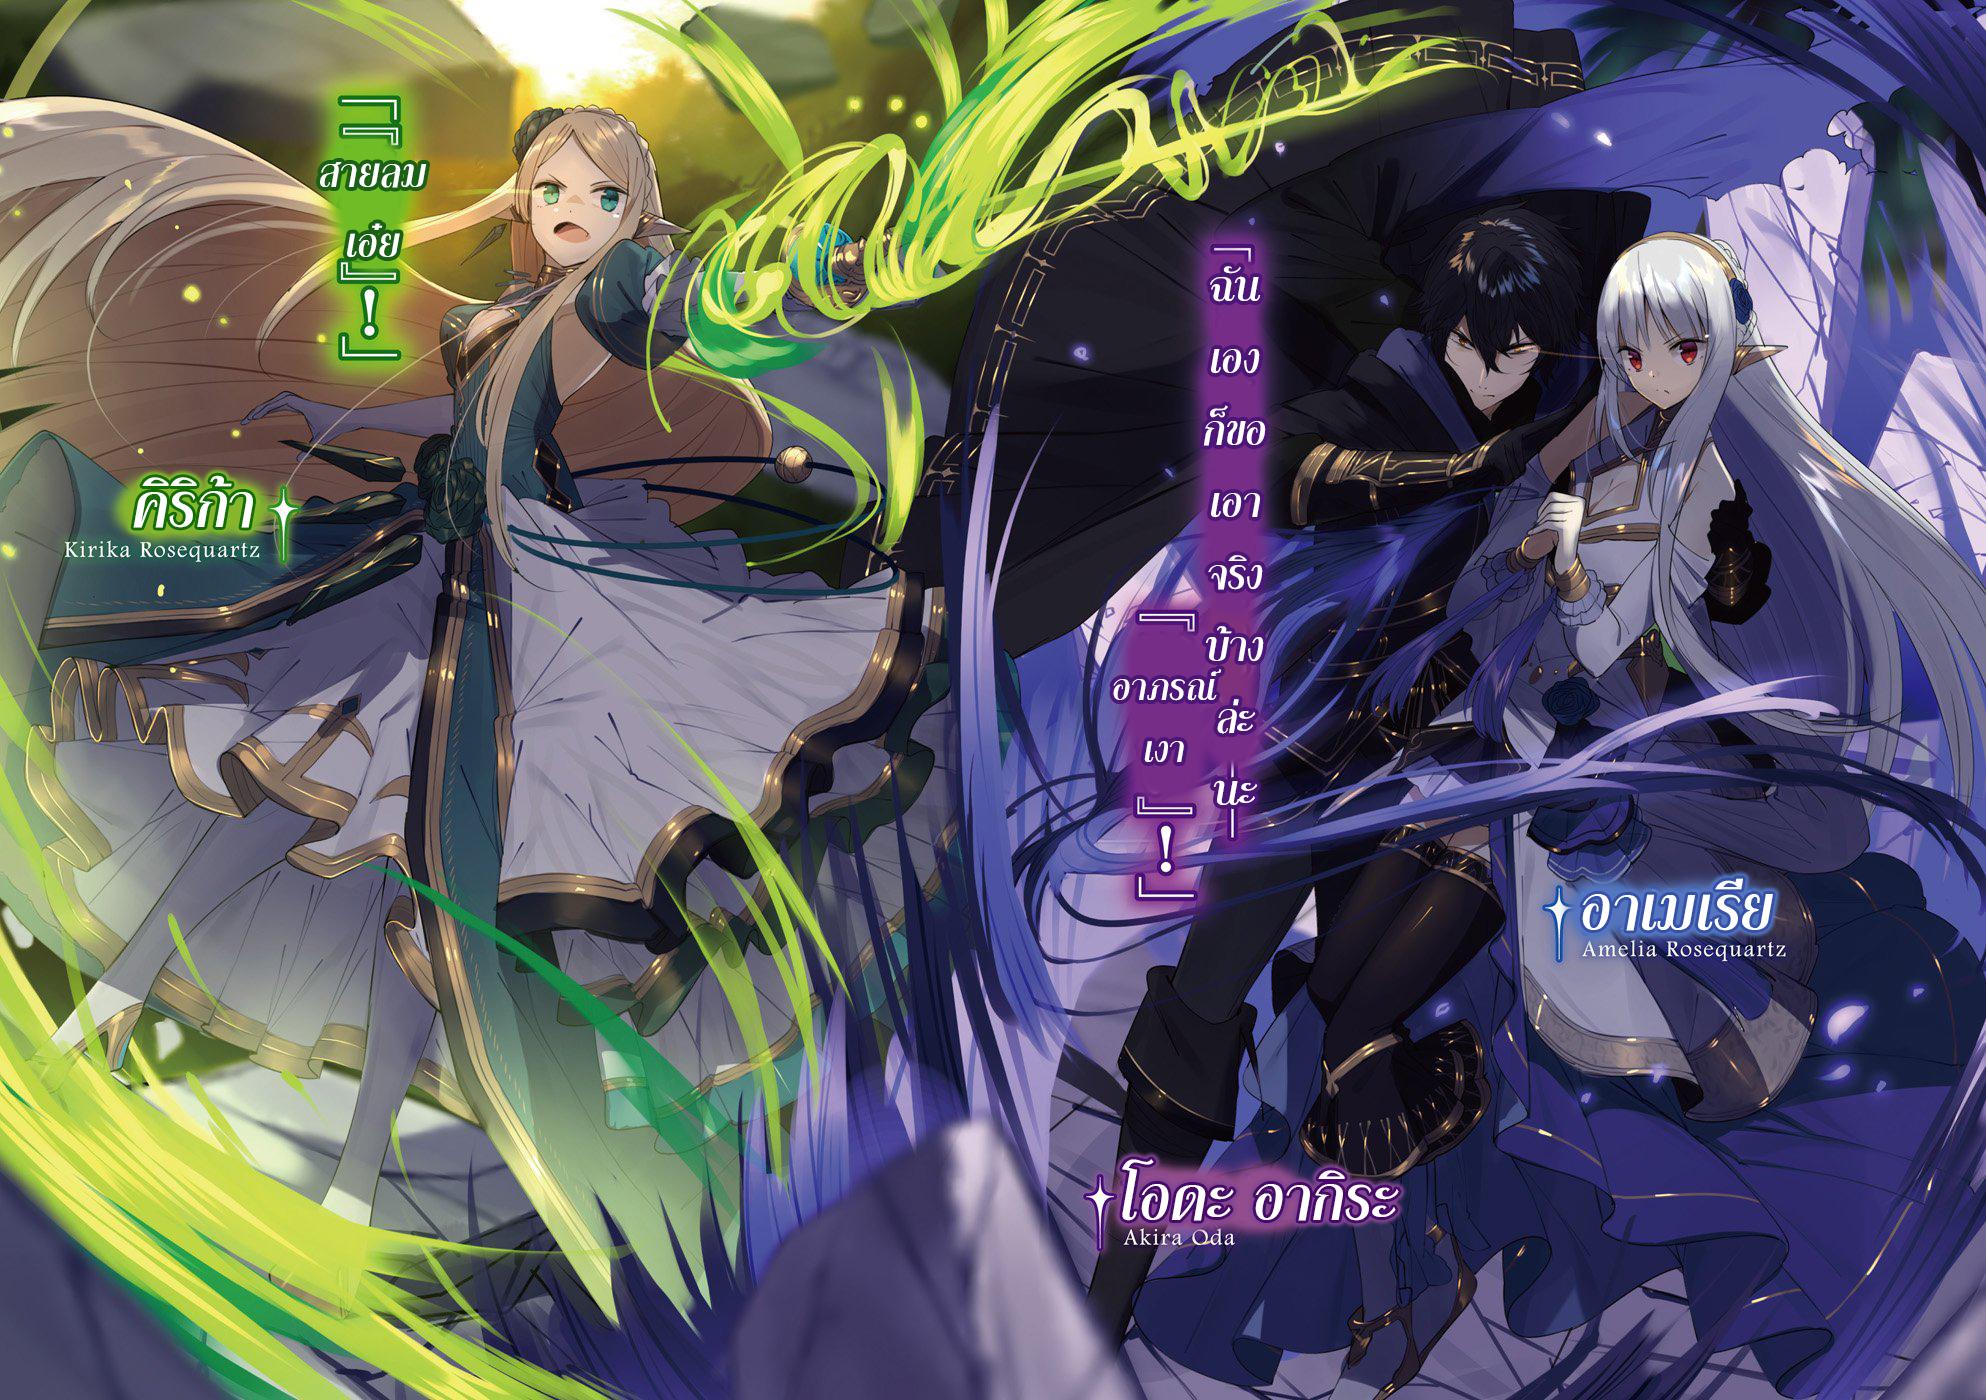 Assassin de aru ore no Sutetasu ga Yuusha yori mo Akiraka ni Tsuyoi Nodaga-ตอนที่ 4.1